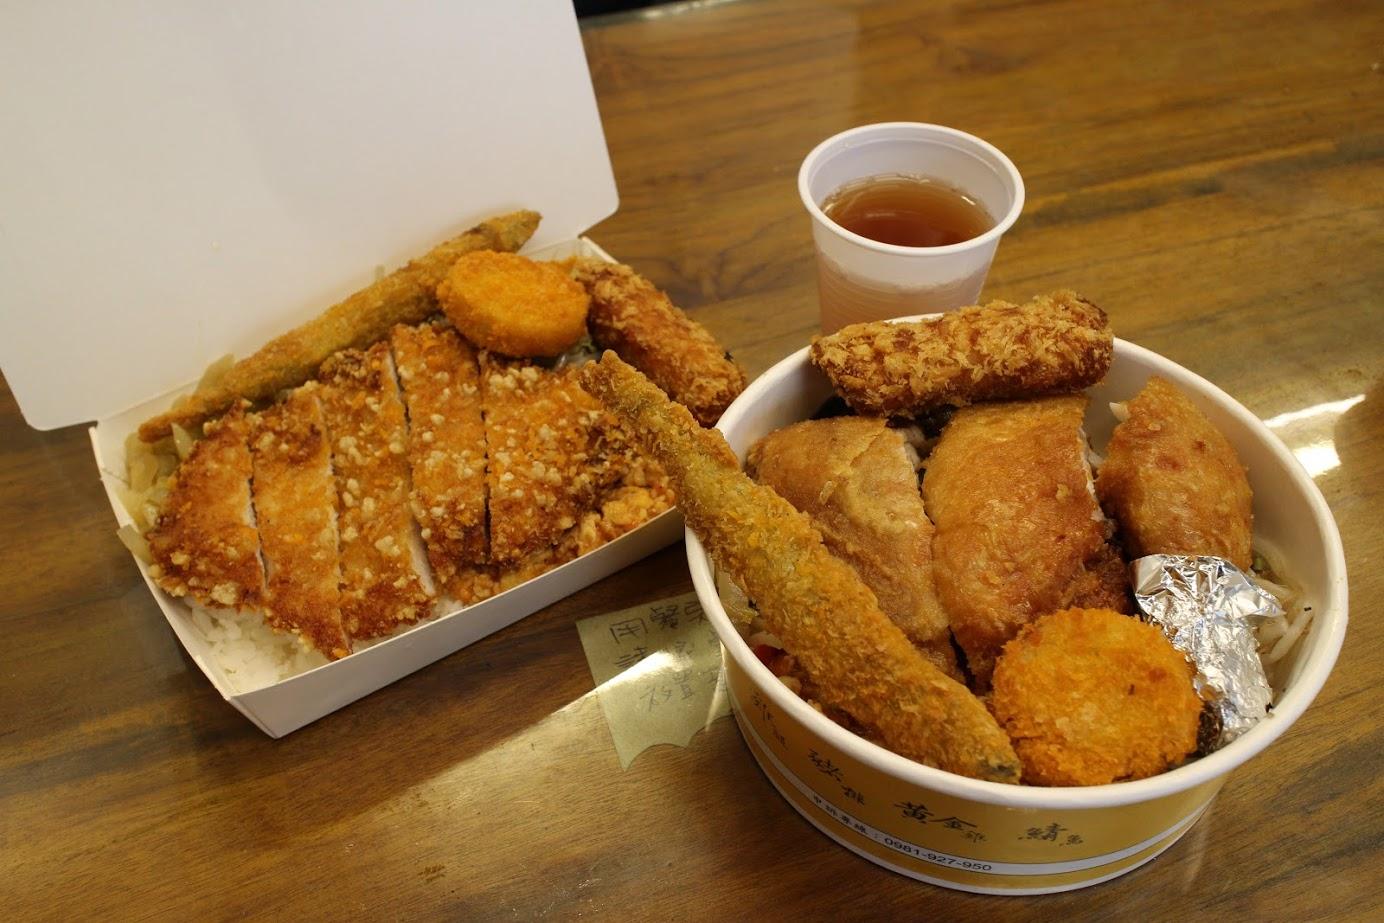 永和便當午餐外送【黃加雞腿便當】-永和平價美食好吃炸雞腿便當只要80元 @秤瓶樂遊遊